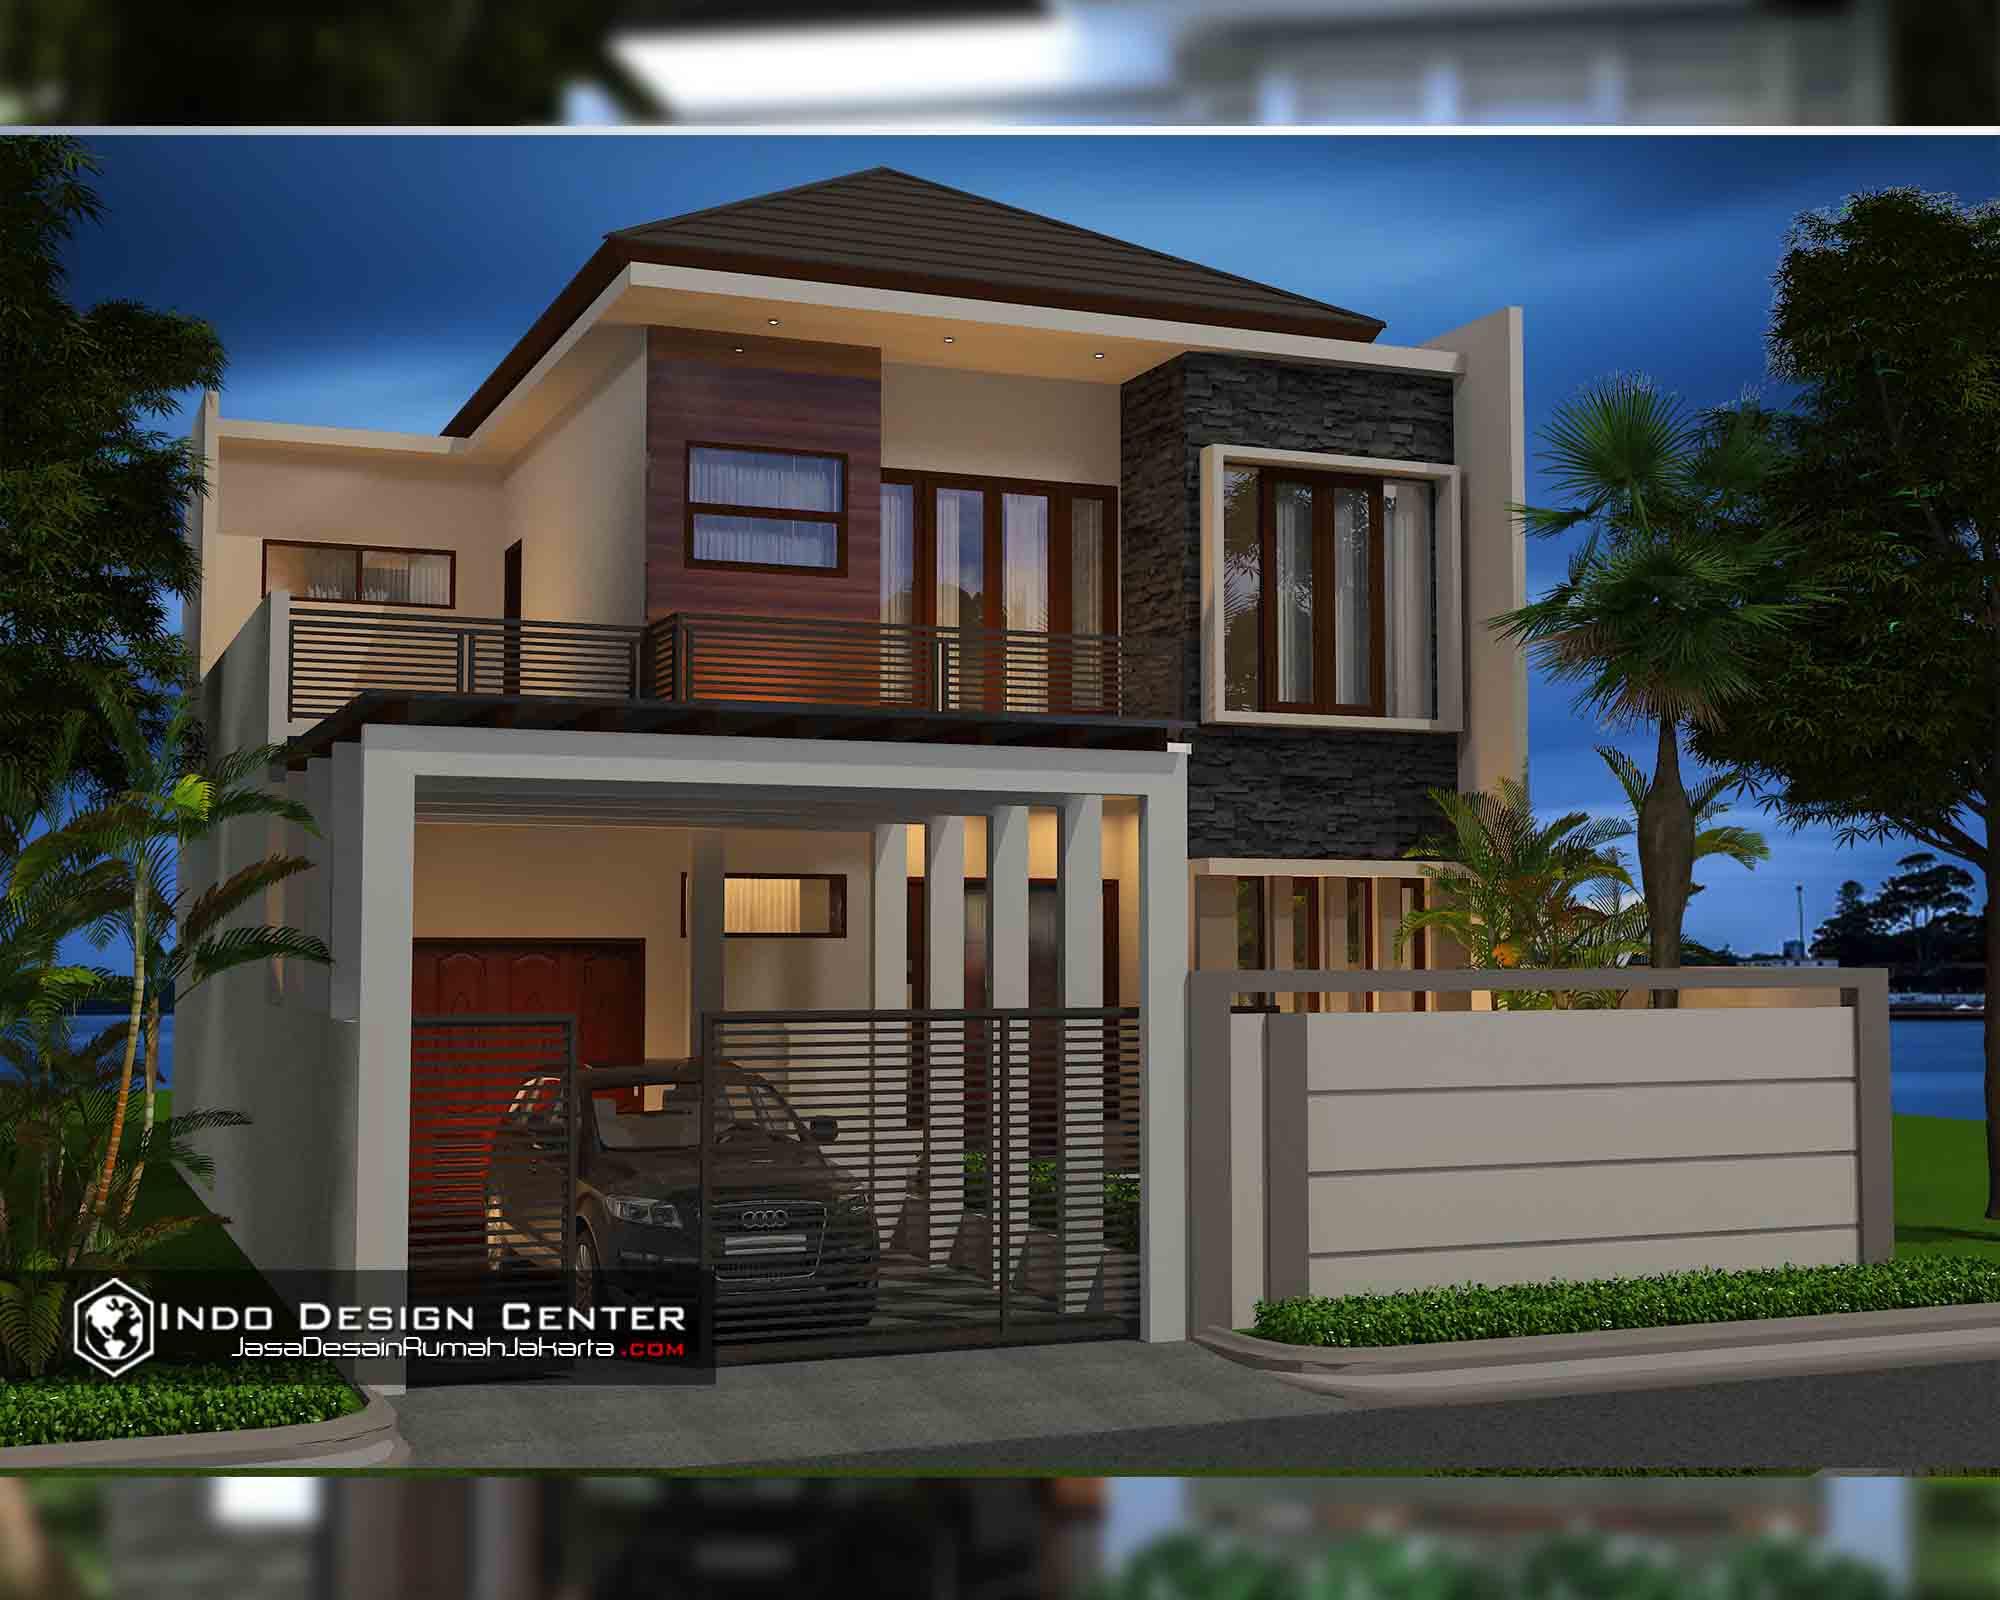 Desain Kontrakan Petak Rincian Biaya Bangun Rumah Kami